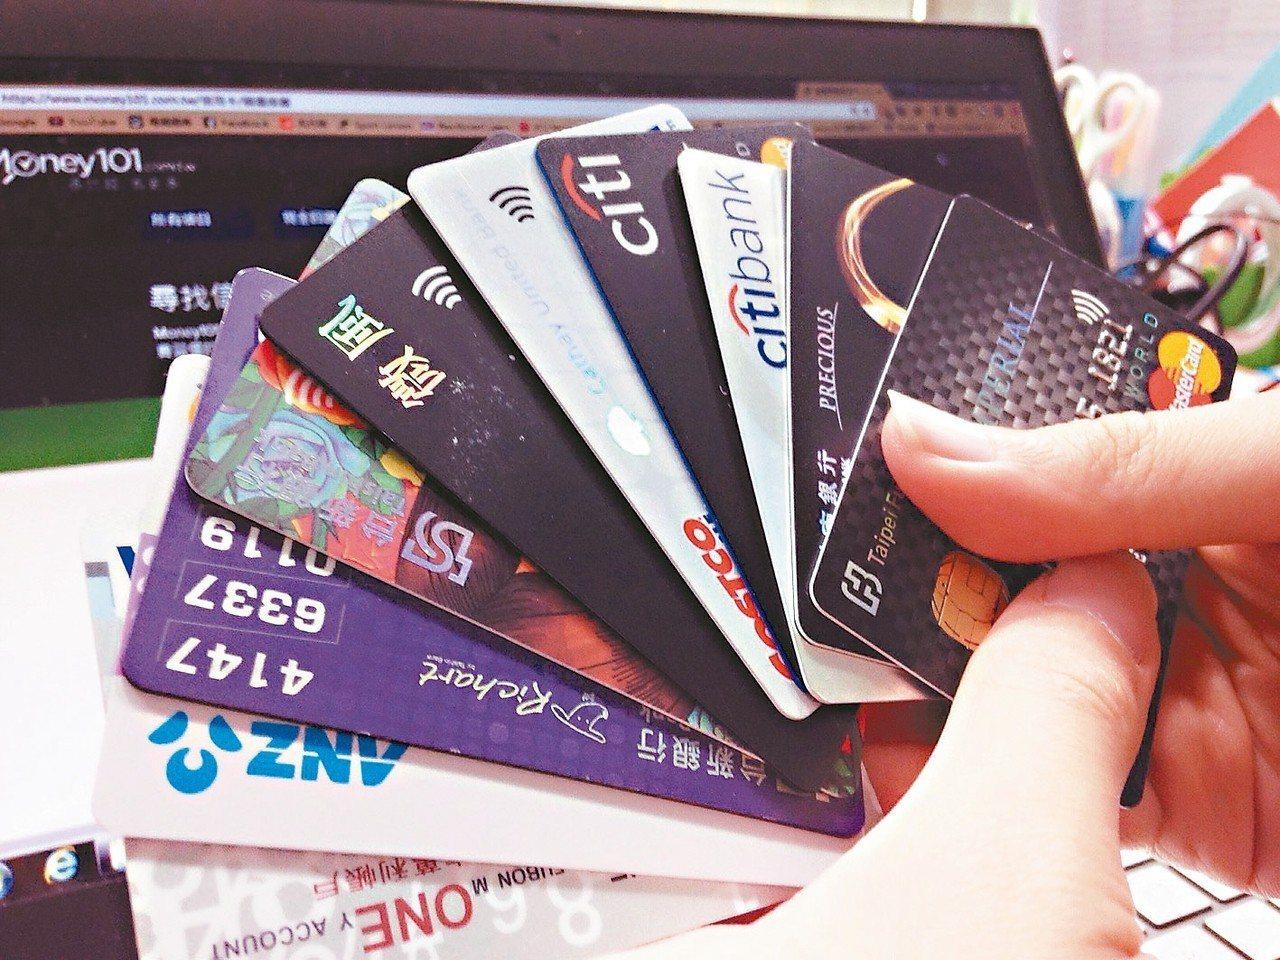 國銀信用卡2018年前九大流通卡銀行排名變化不大。 (本報系資料庫)